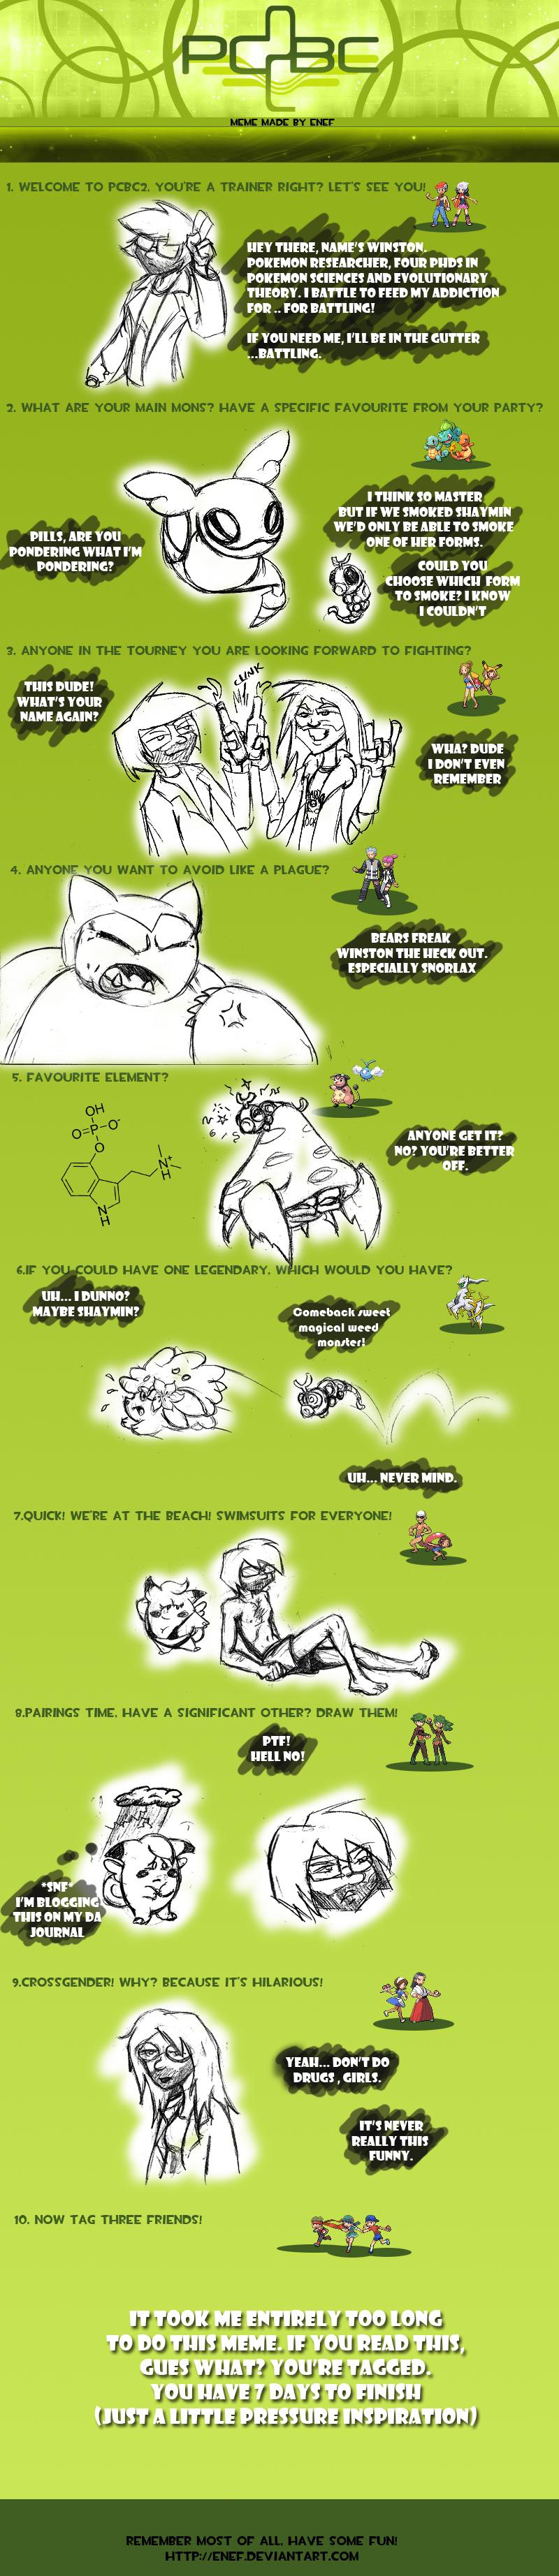 Pokemon Meme by Niklix-Broomsbane